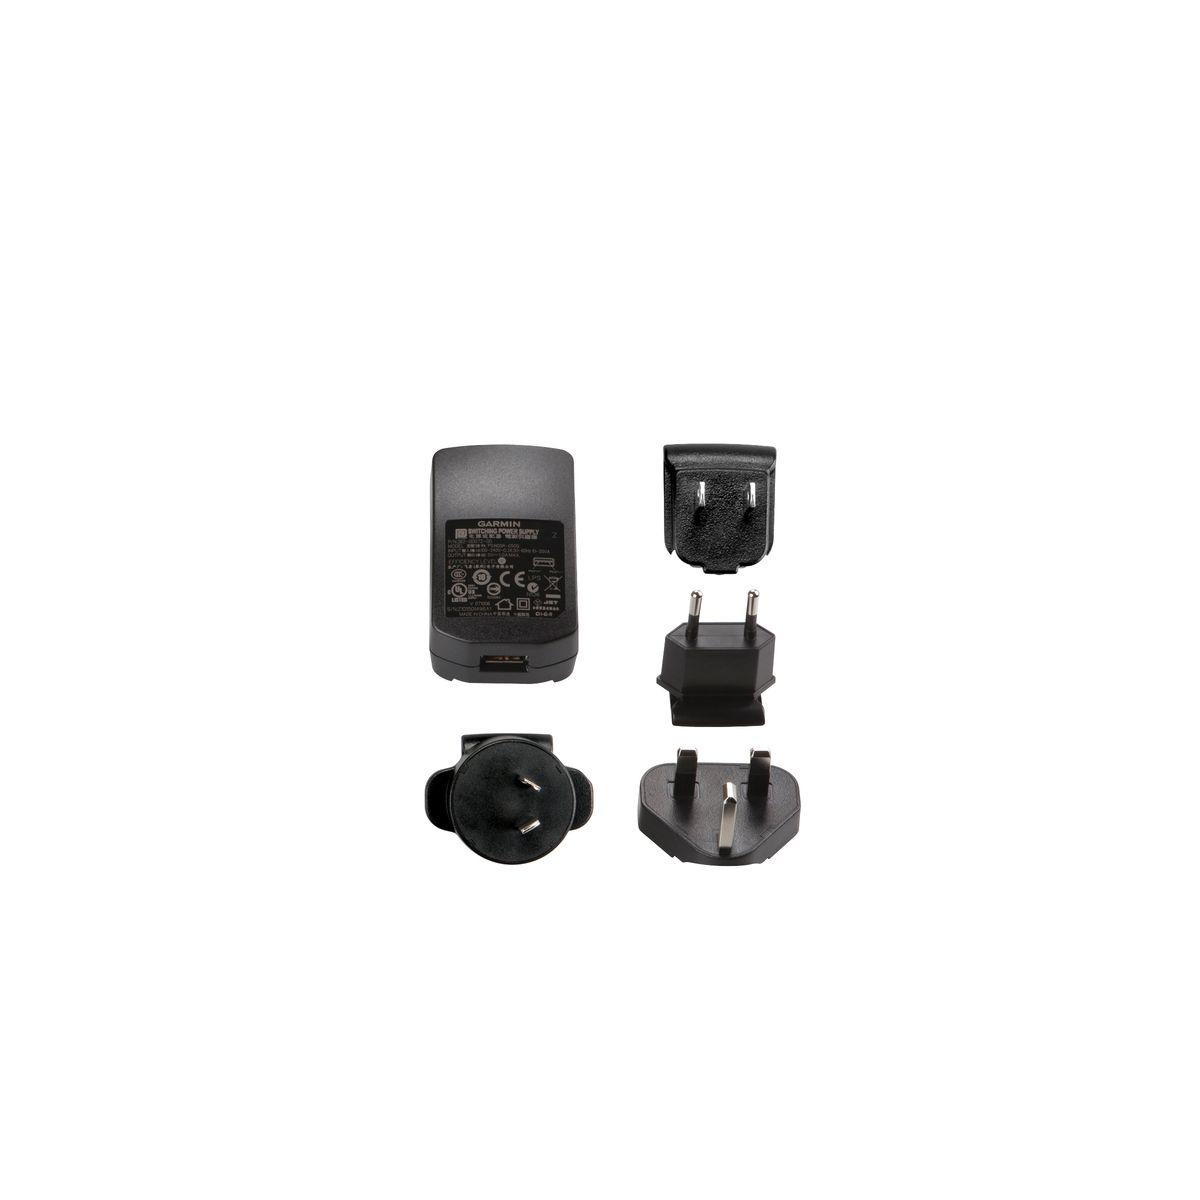 GARMIN Garmin A/C Adapter